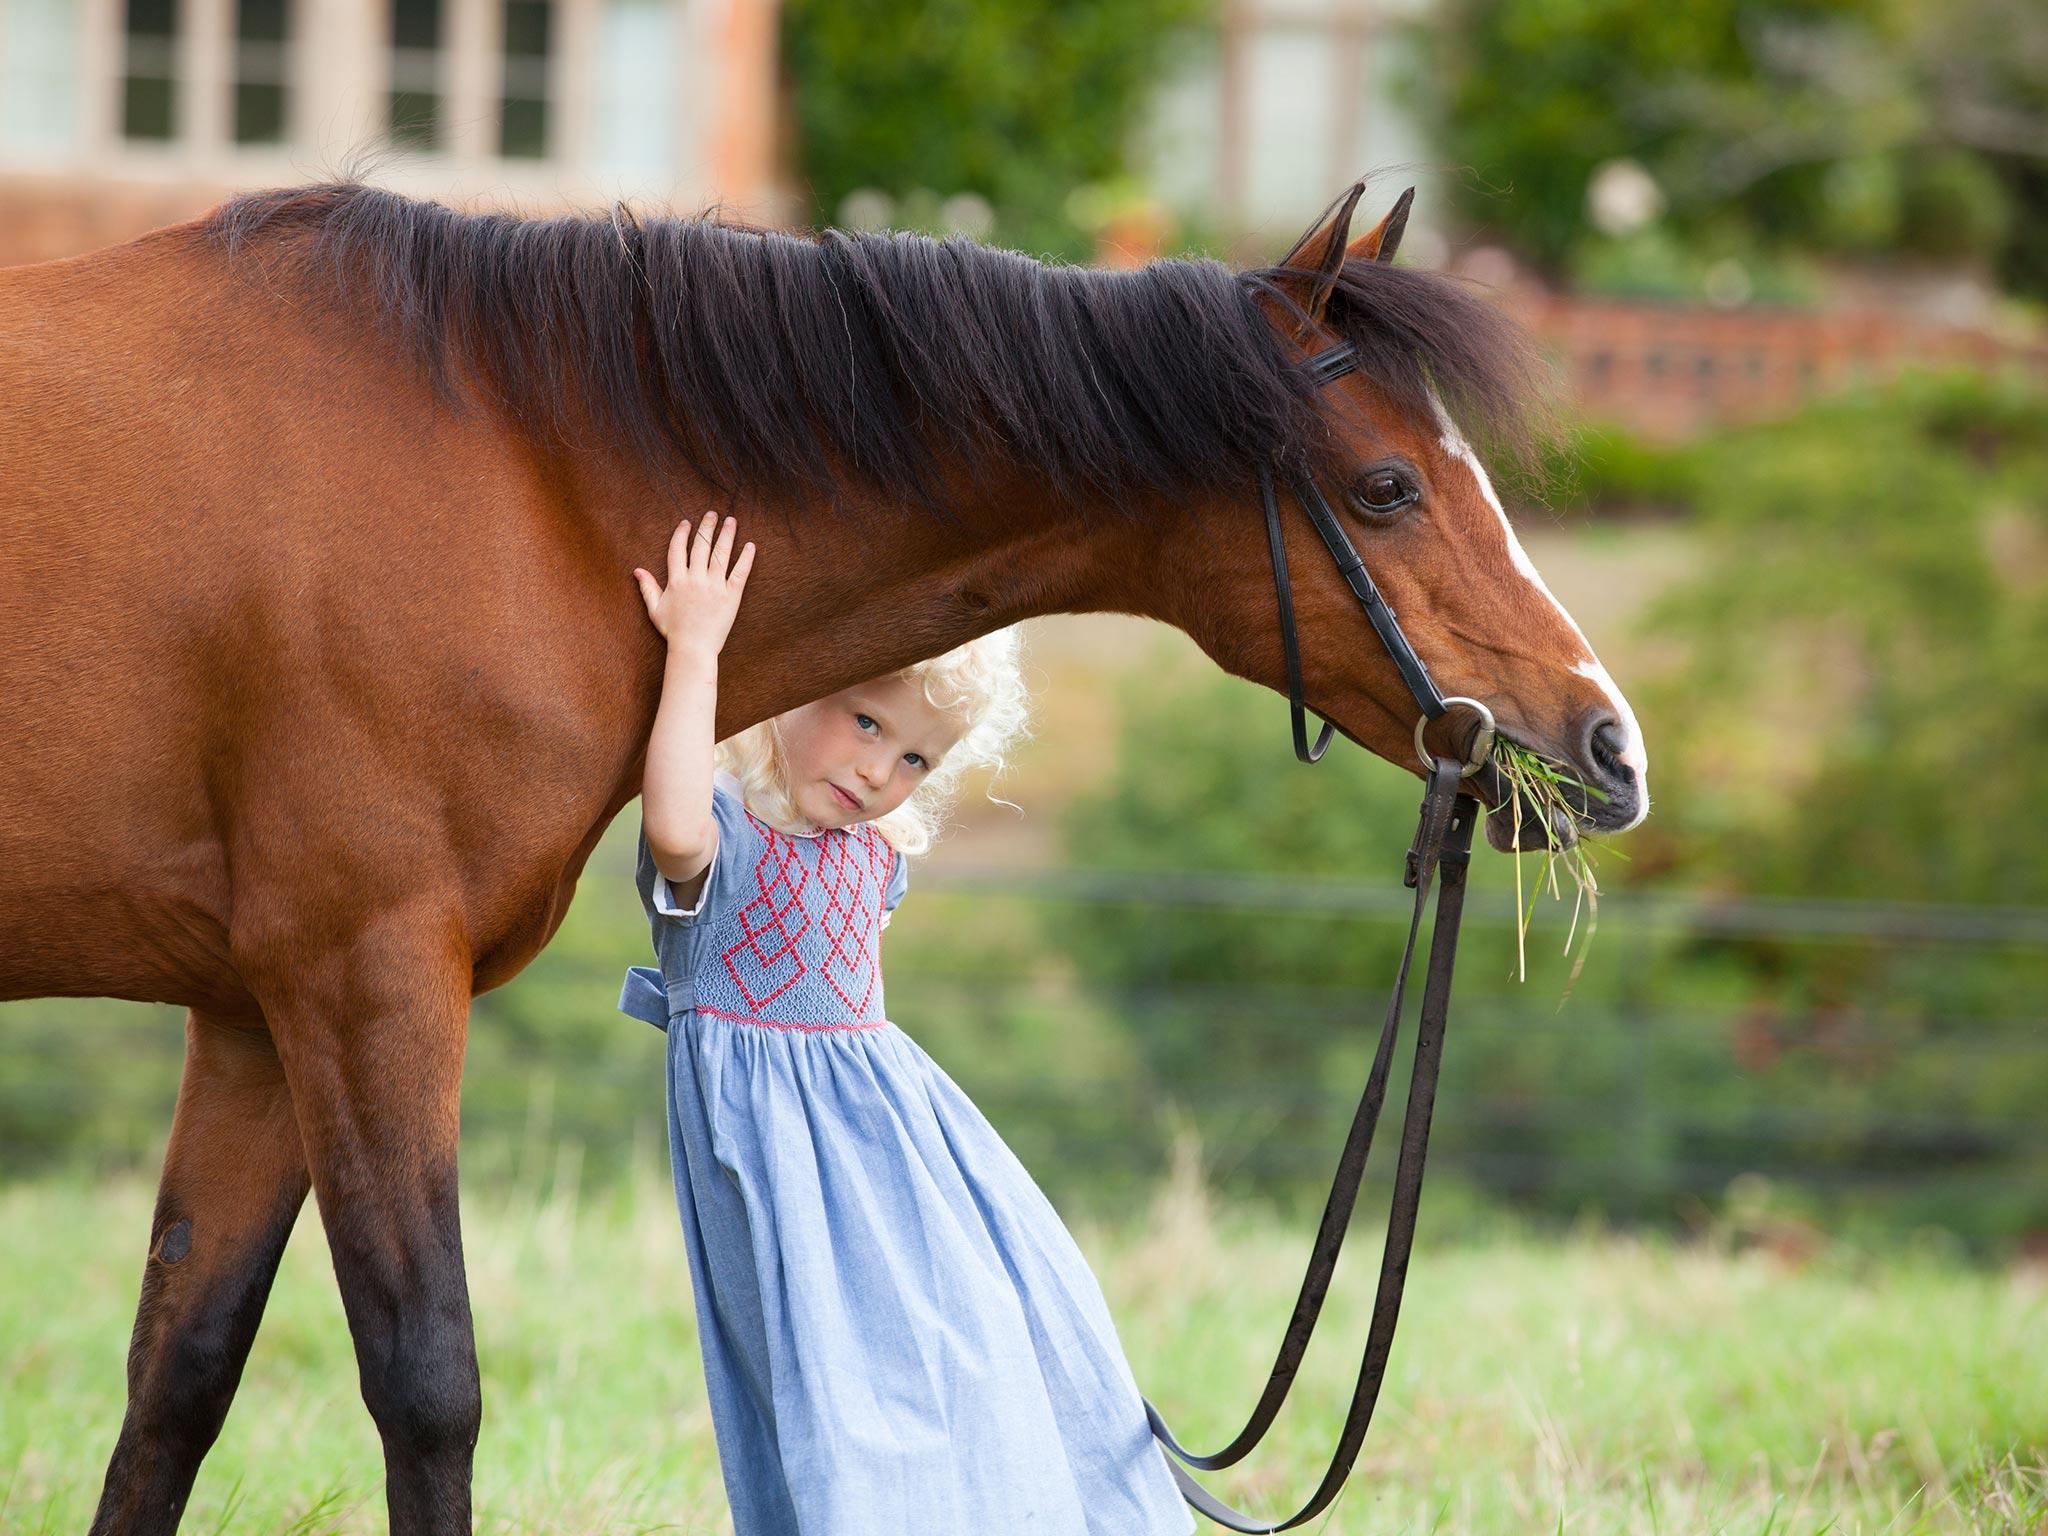 Little girl peeping under a horse